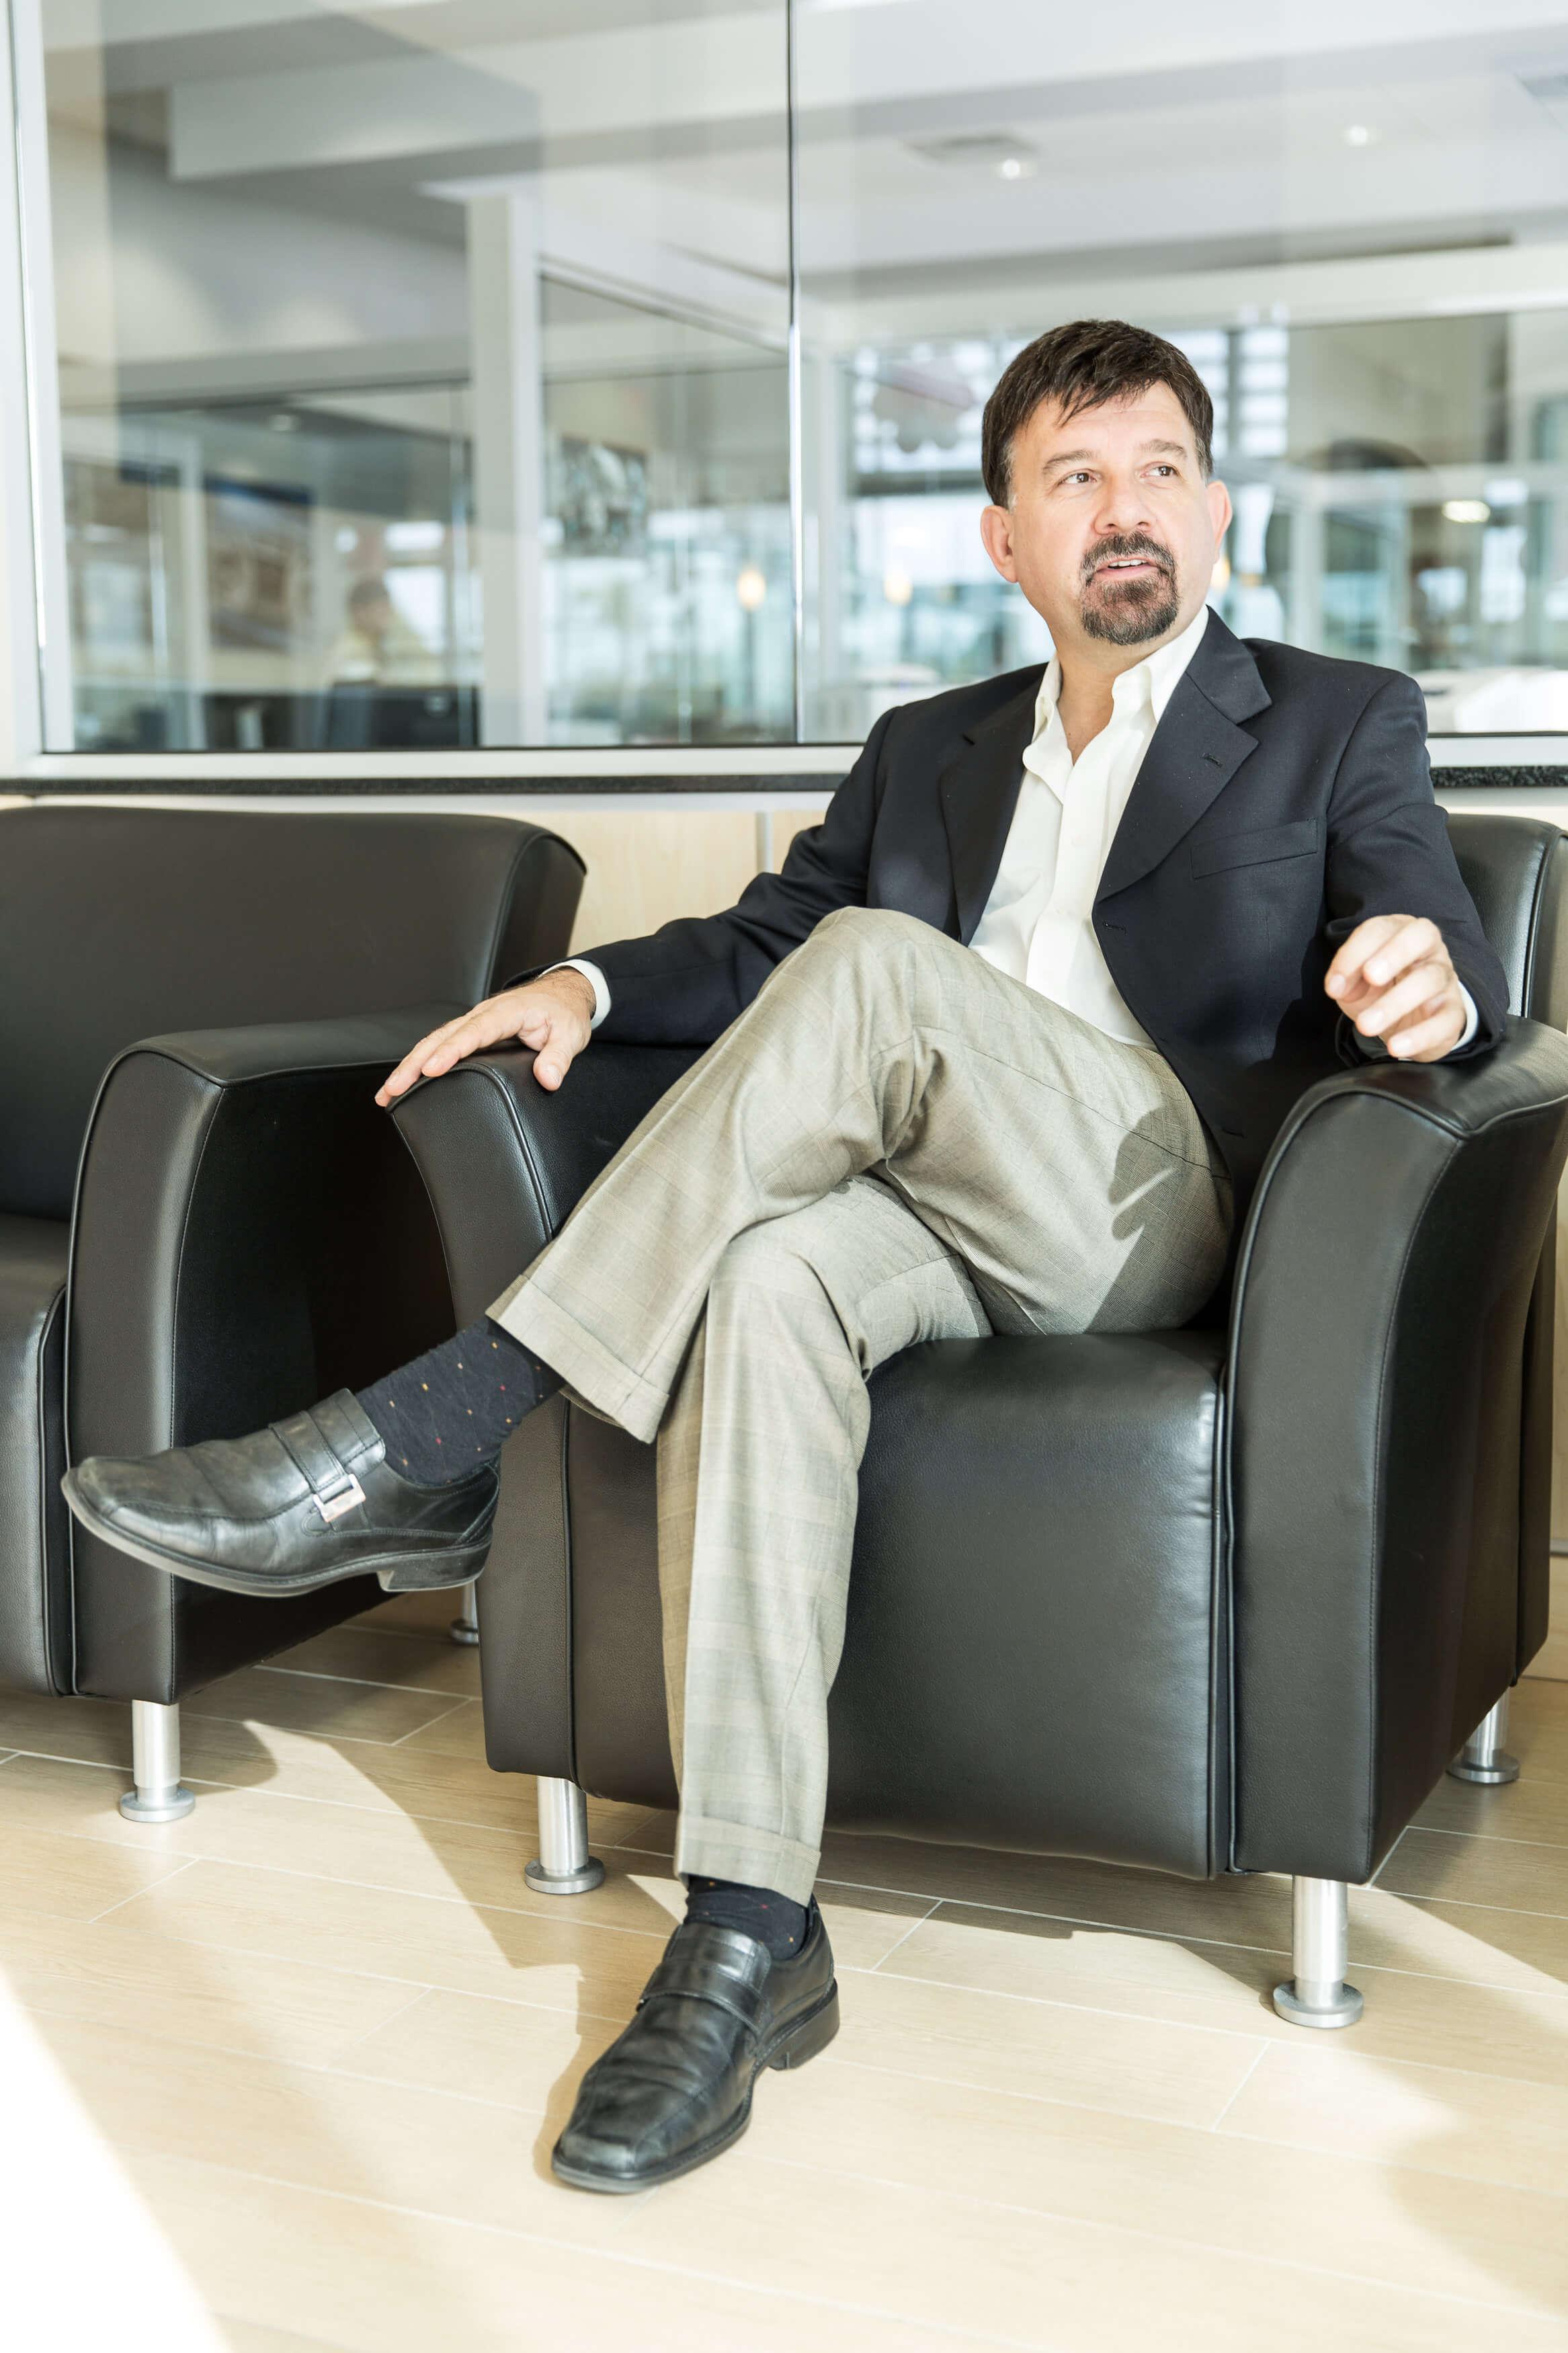 Joseph Michelli Consulting